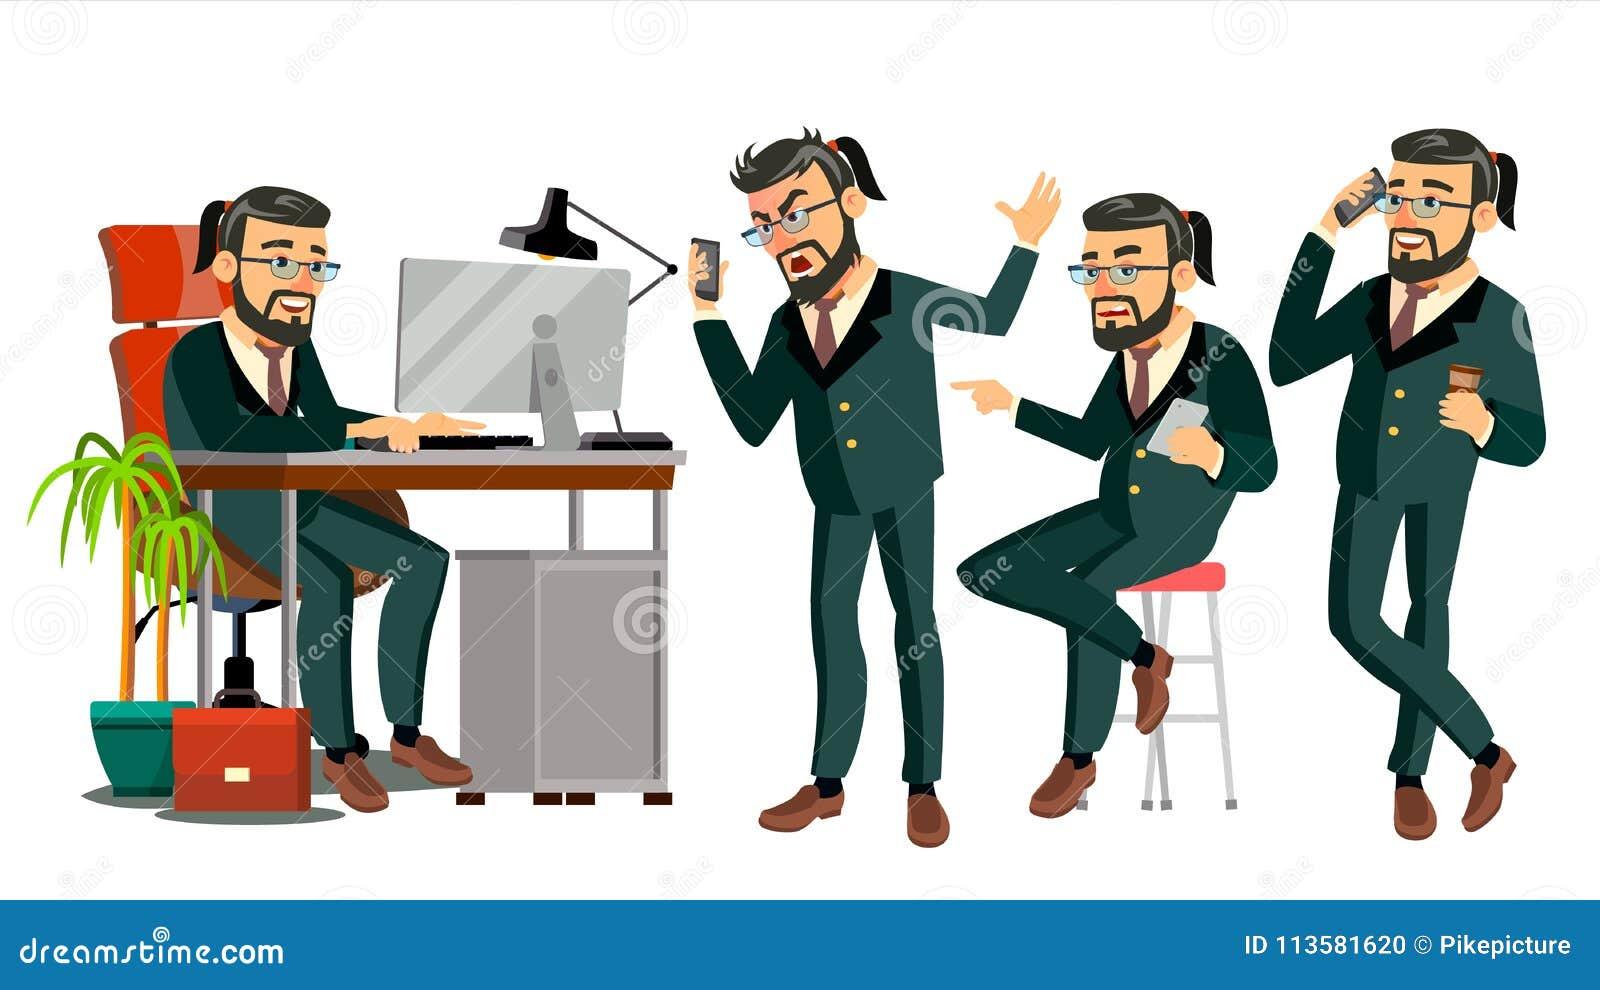 Chef CEO Character Vector IT-Start-Unternehmen Körper-Schablone für Design Verschiedene Haltungen, Situationen karikatur